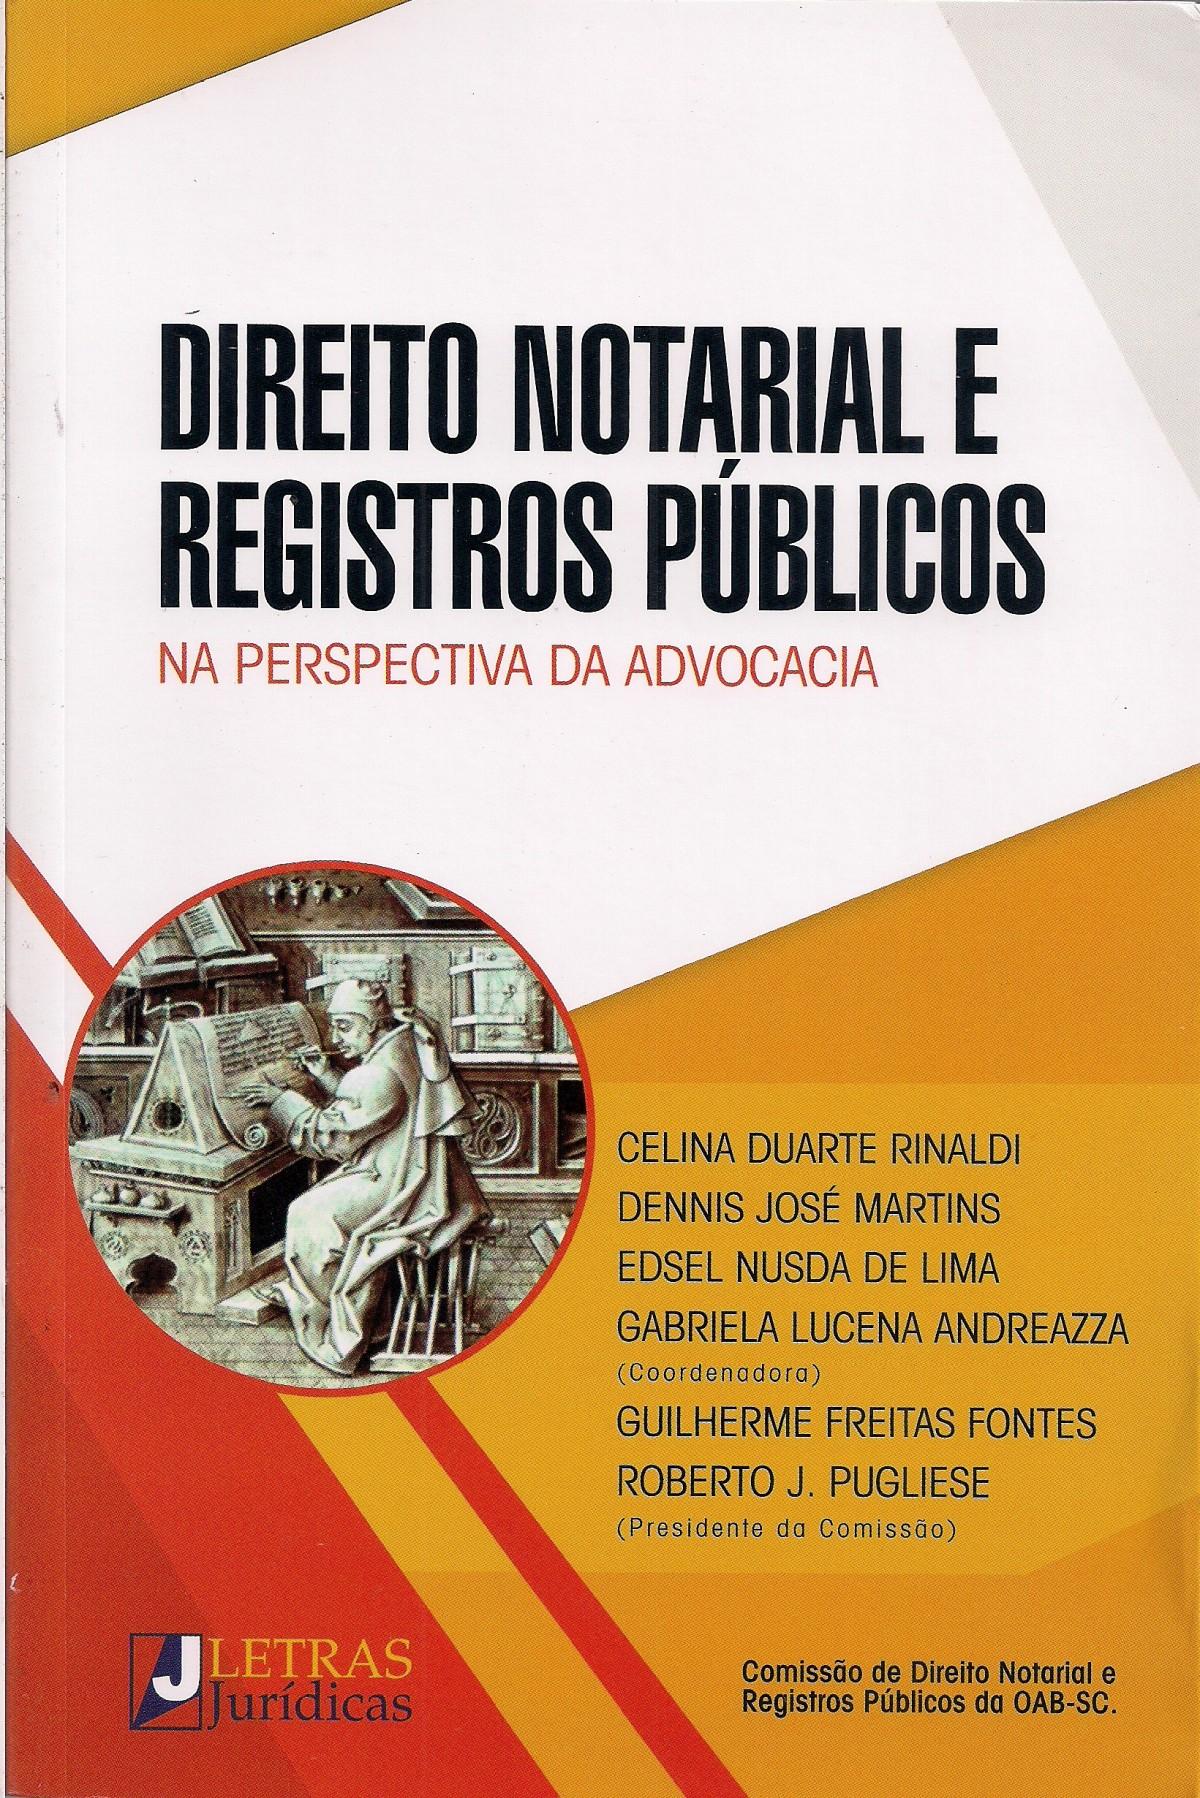 Foto 1 - Direito Notarial e Registros Públicos